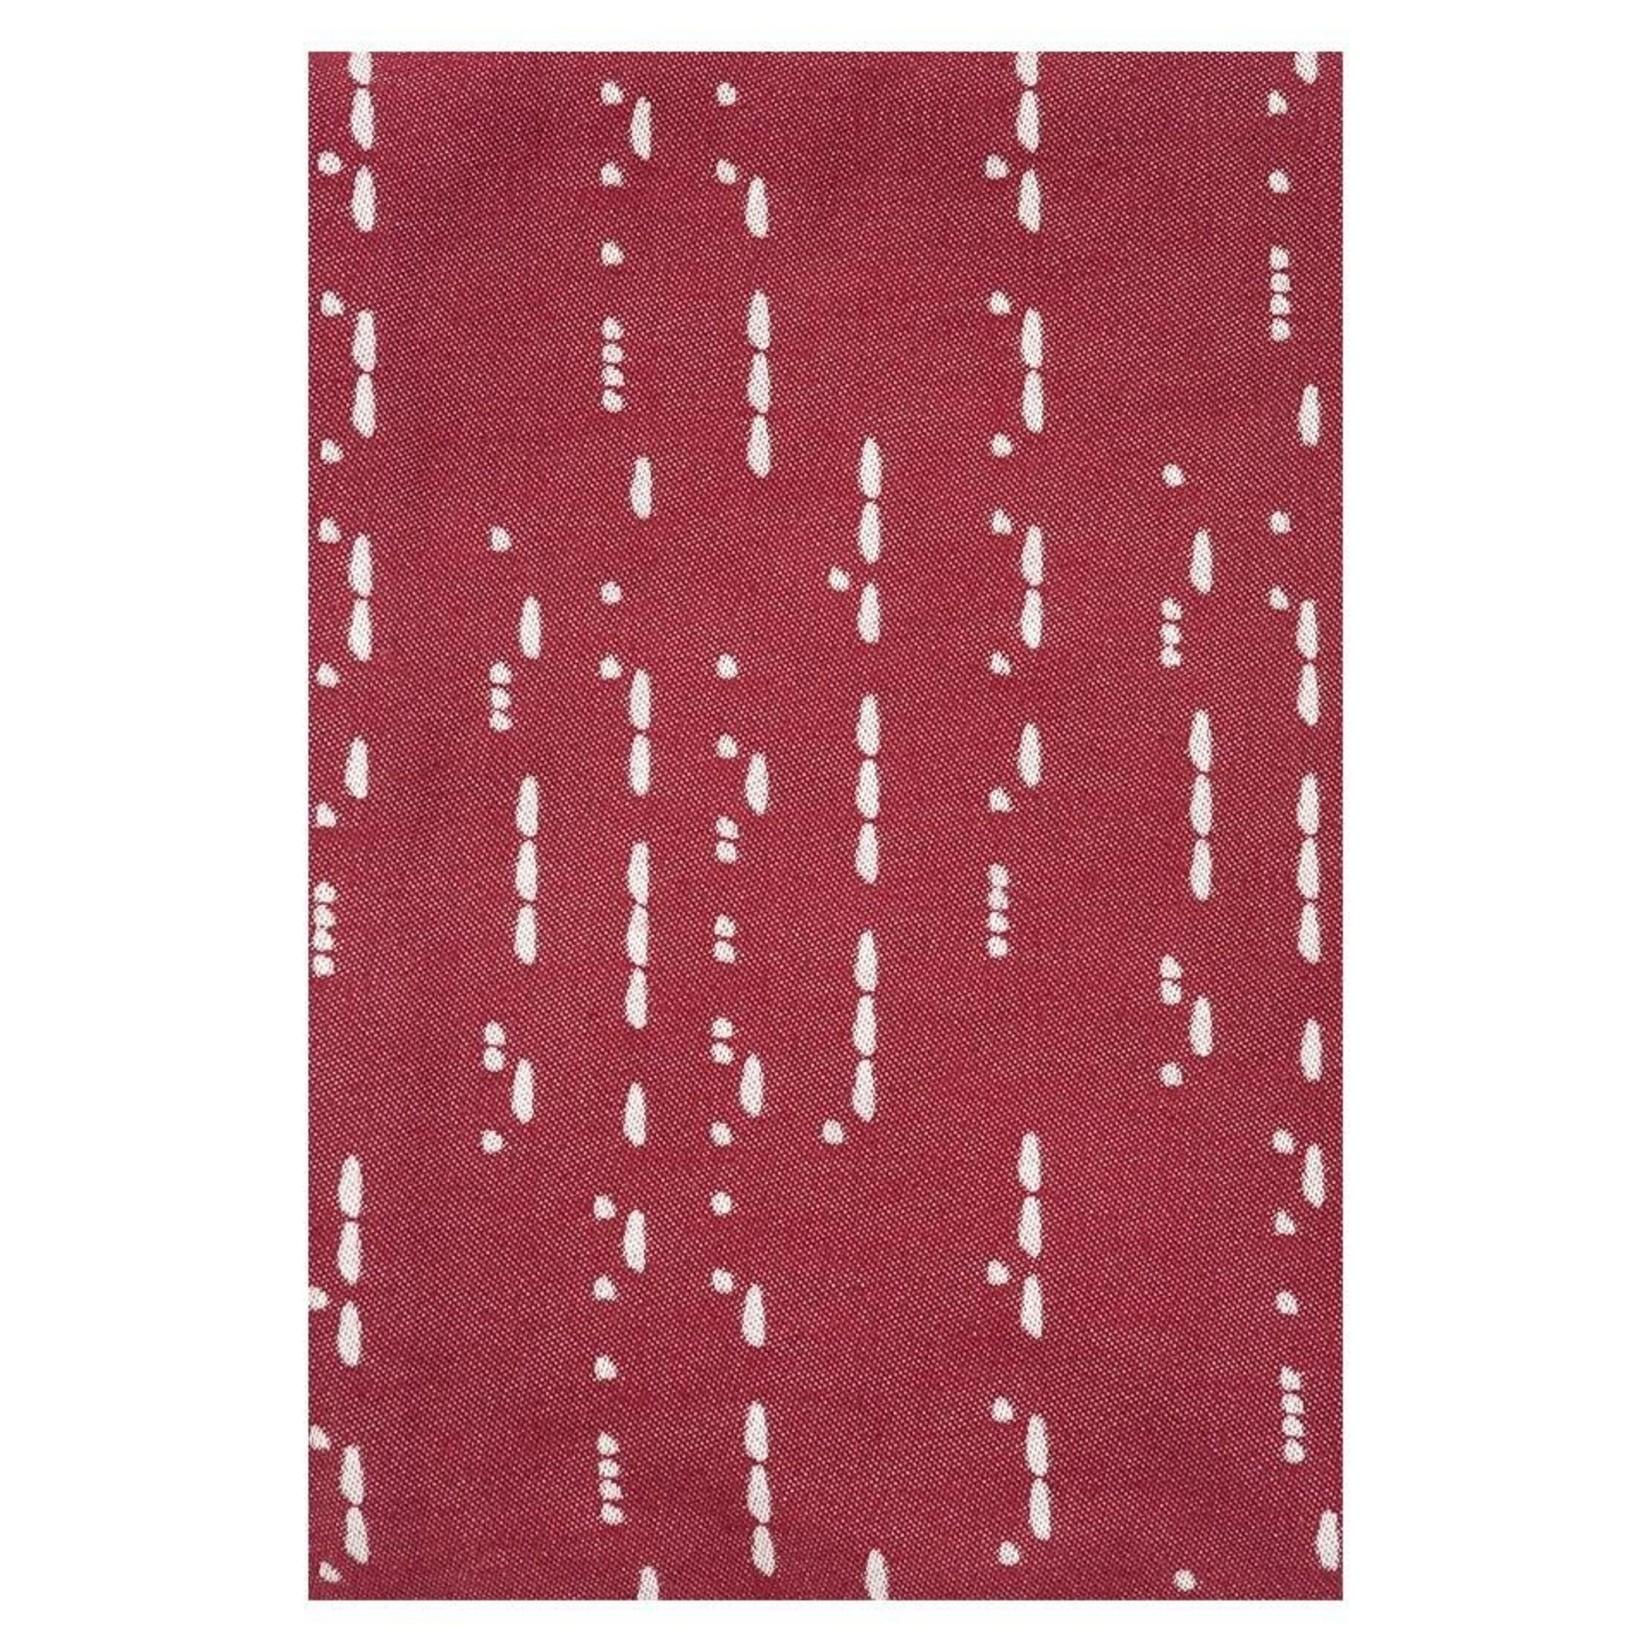 Isara The One (Ruby Code)